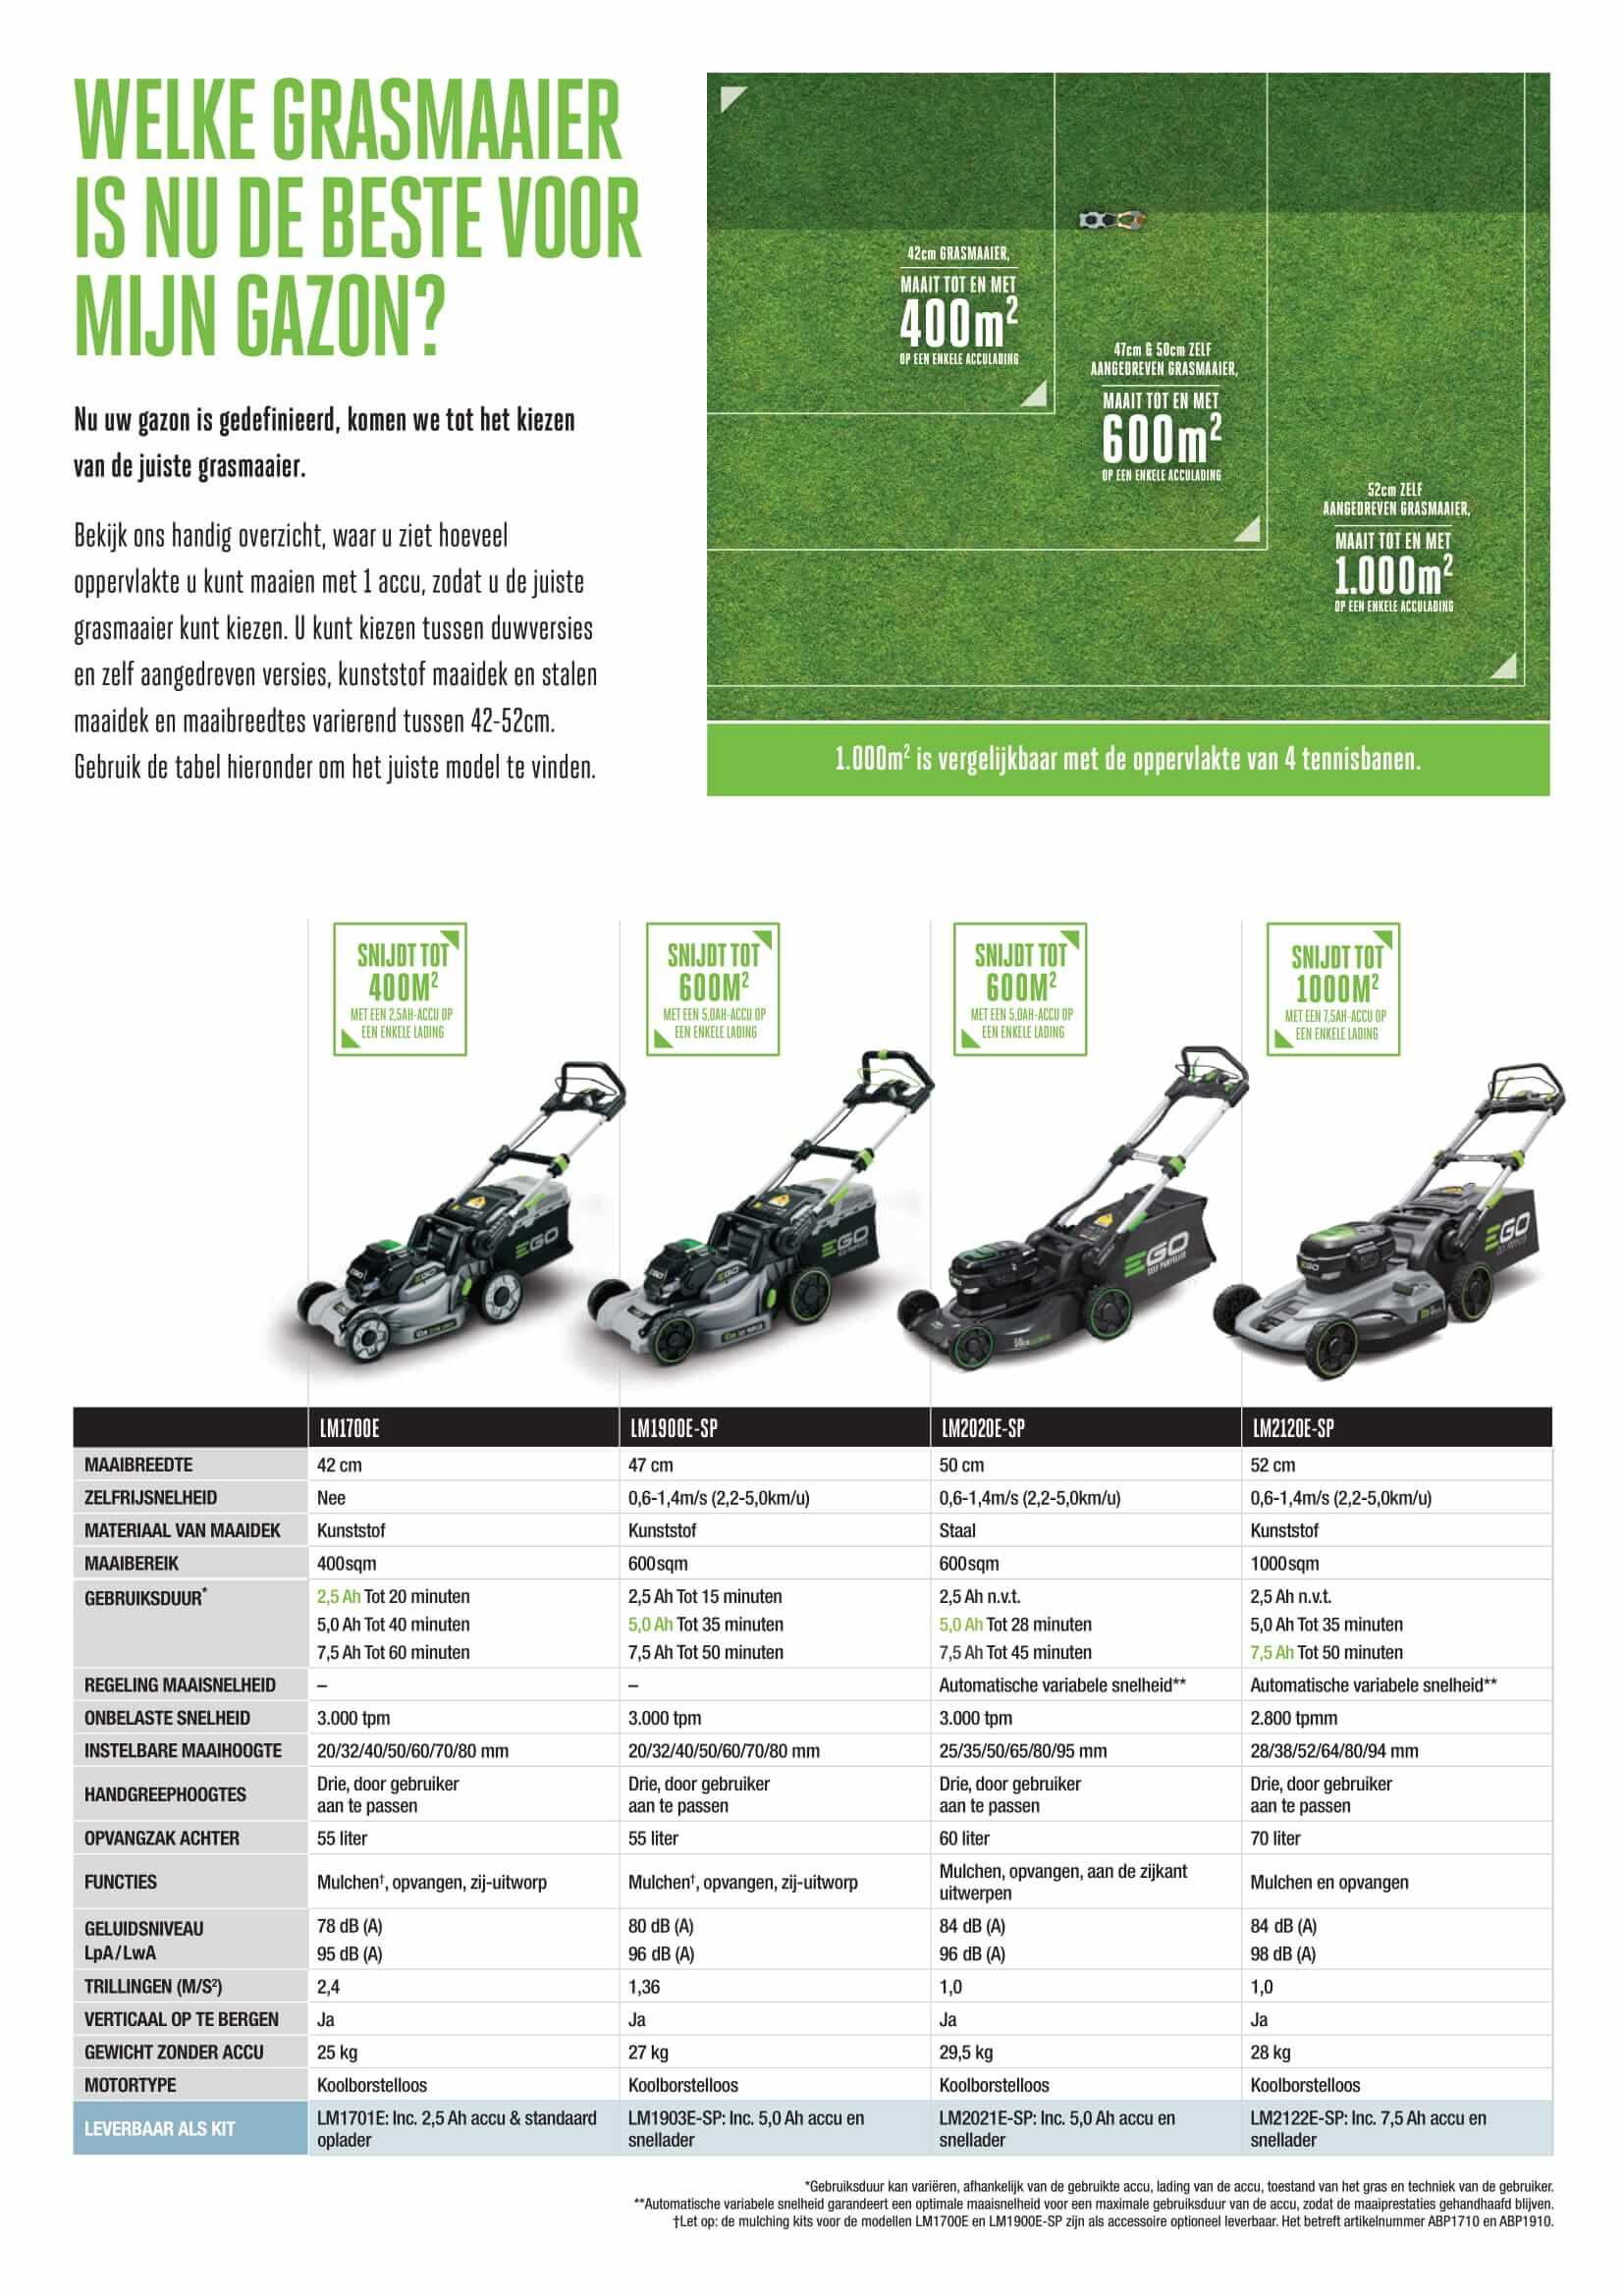 Kies de beste grasmaaier die bij u past